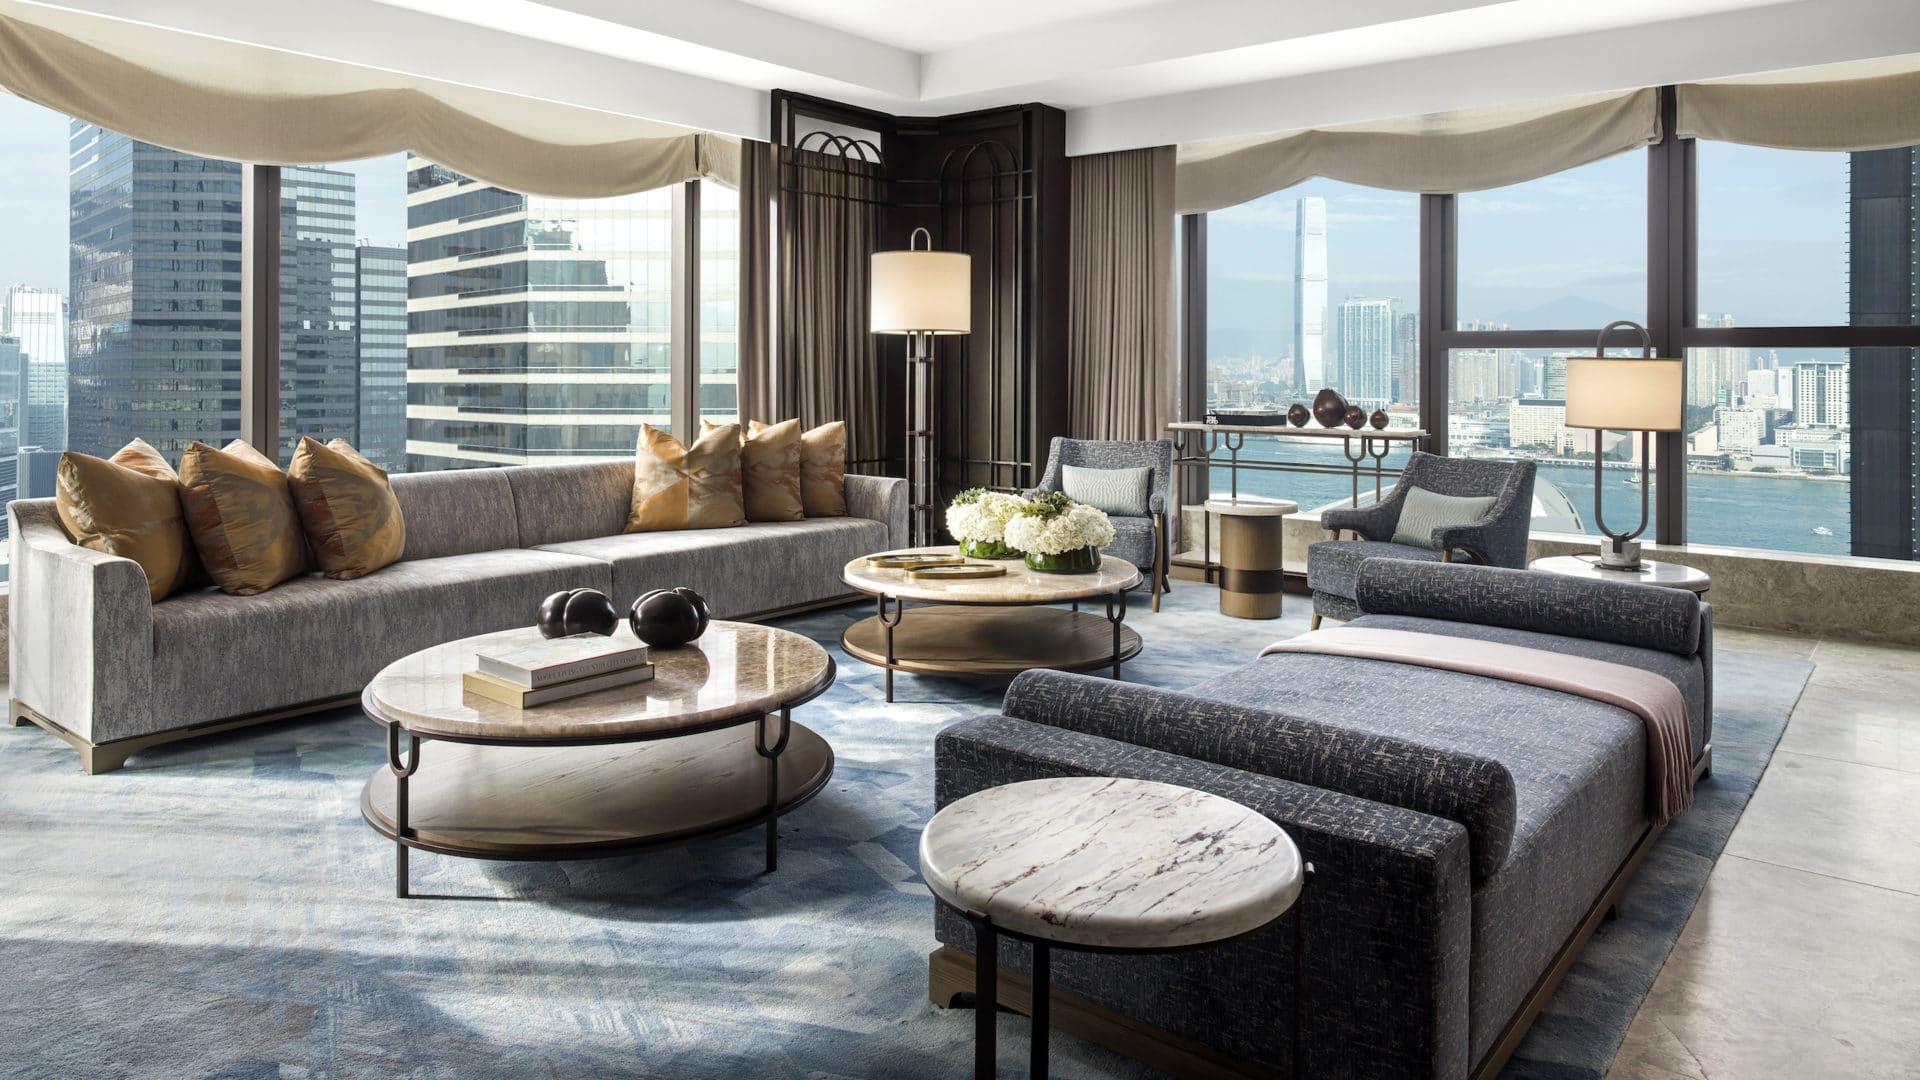 The St Regis Hotel, Hong Kong